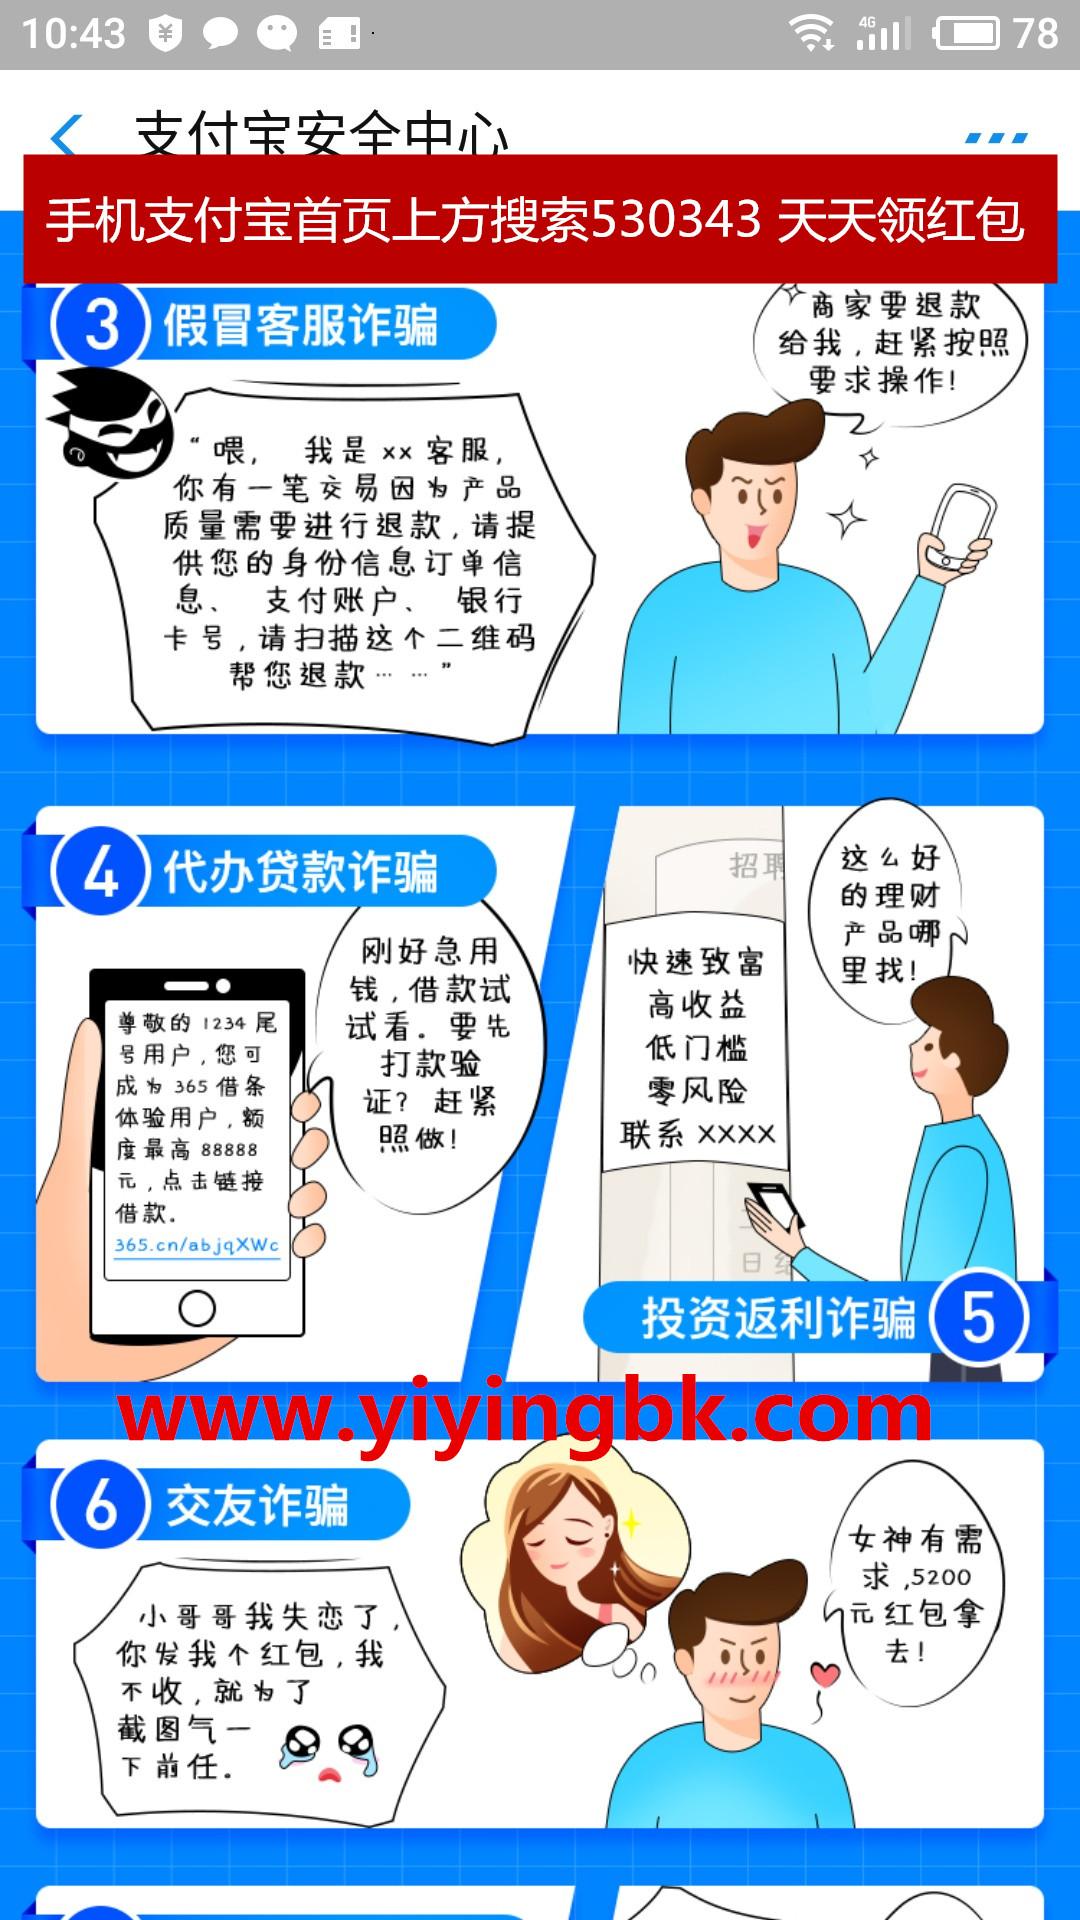 支付宝安全中心百诈全书防电信网络诈骗